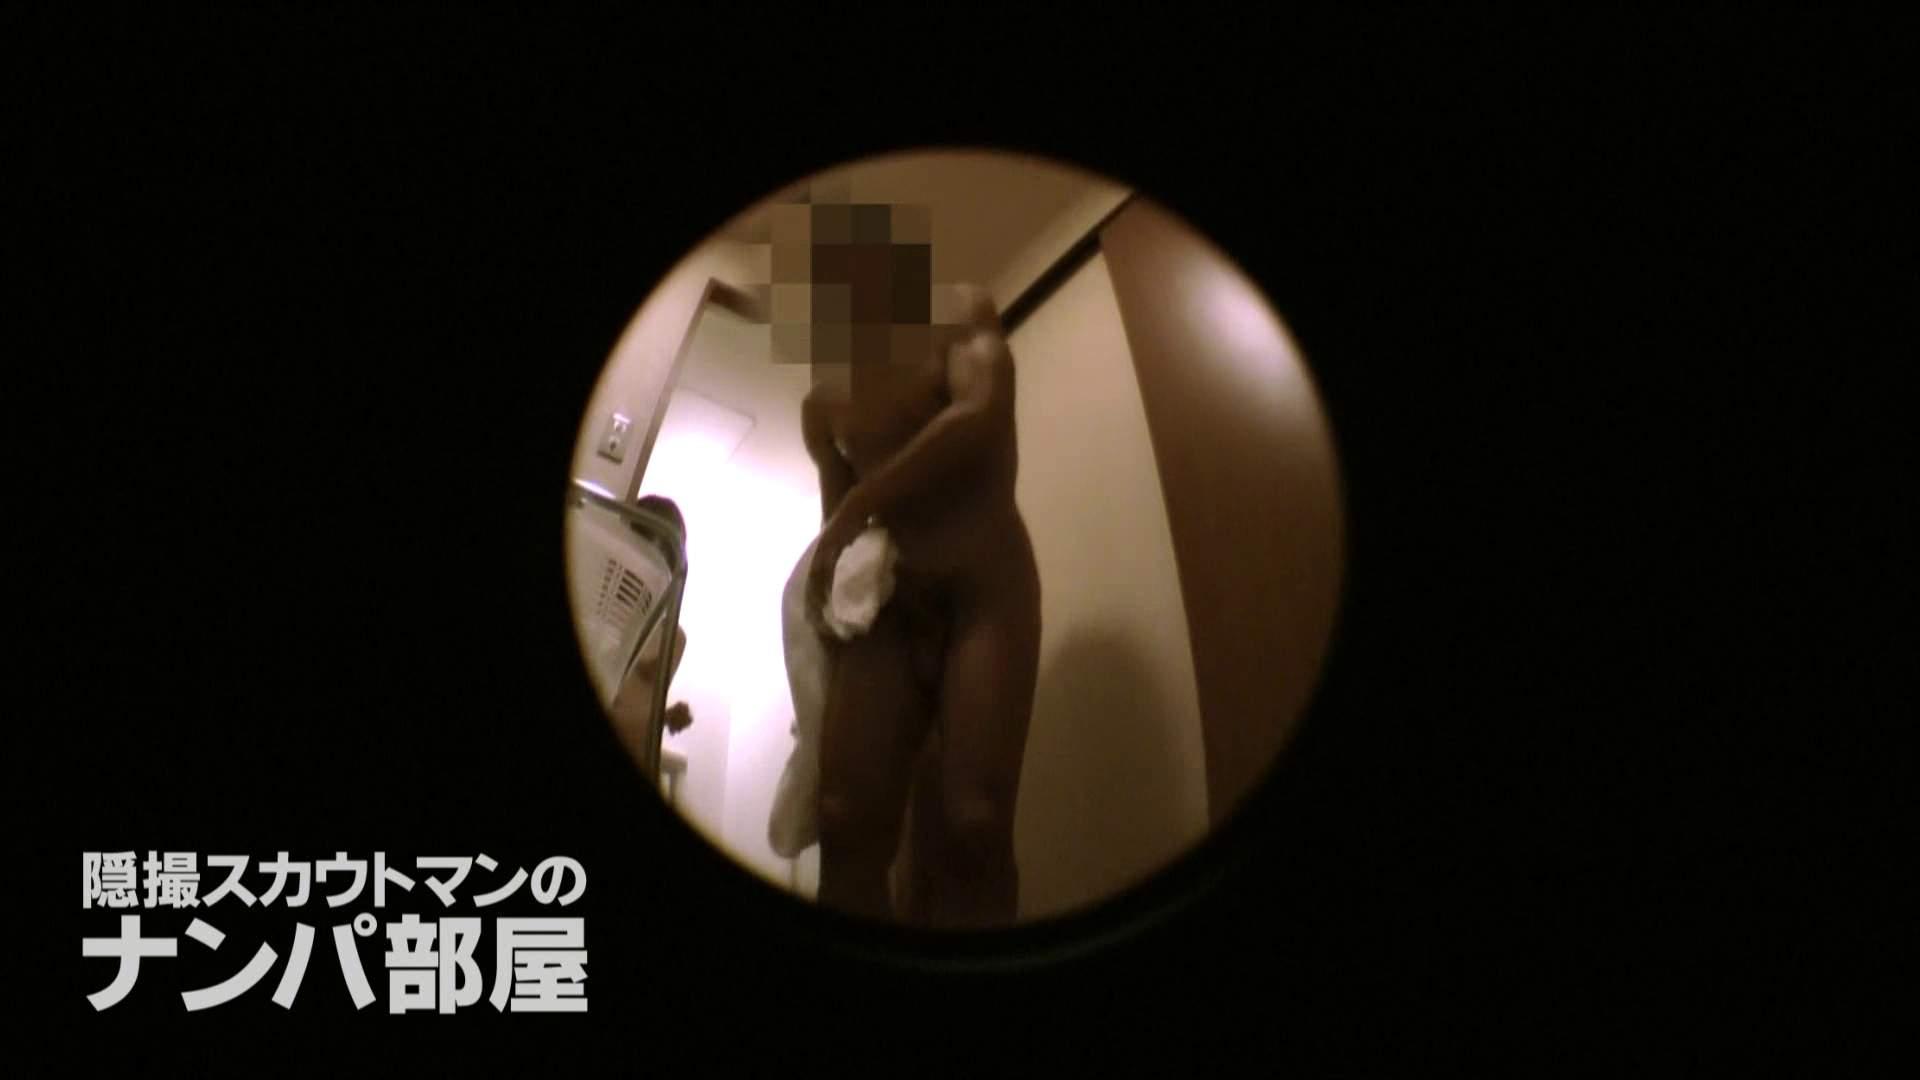 隠撮スカウトマンのナンパ部屋~風俗デビュー前のつまみ食い~ siivol.4 隠撮  91pic 40